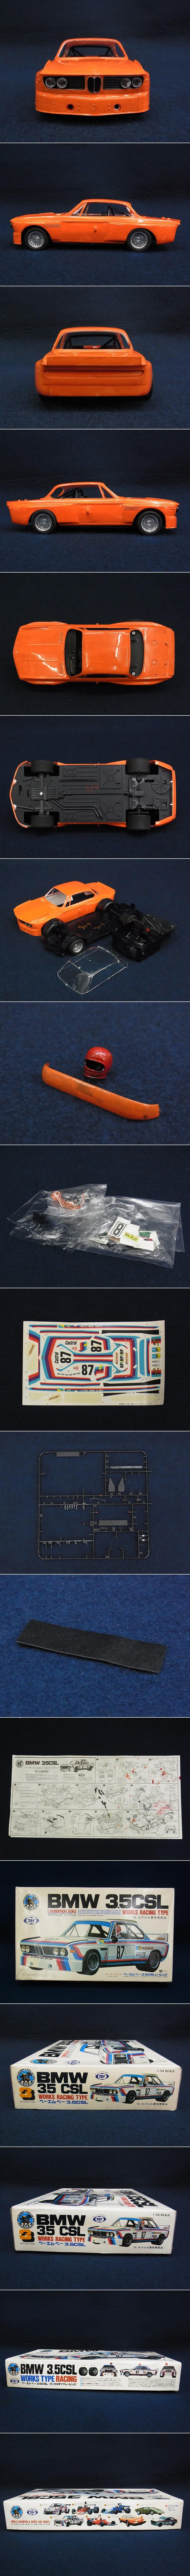 欢乐斗牛游戏可以由2人到6人同时进行,总共52张牌,玩家每时时彩后二组选5码人5张牌,用户将根据5张牌进行排列组合,进行大小比较确定胜负。以欢乐豆计算得分。斗牛是一款地方性、游.欢乐斗牛游戏规则 游戏简介 欢乐斗牛是一款地方性、游戏速度极快、刺激的棋牌游戏,主要流行在湖南、广东、广西地区. 游戏可以由 2 人到 6 人同时进行,总共 52 张牌(除大.